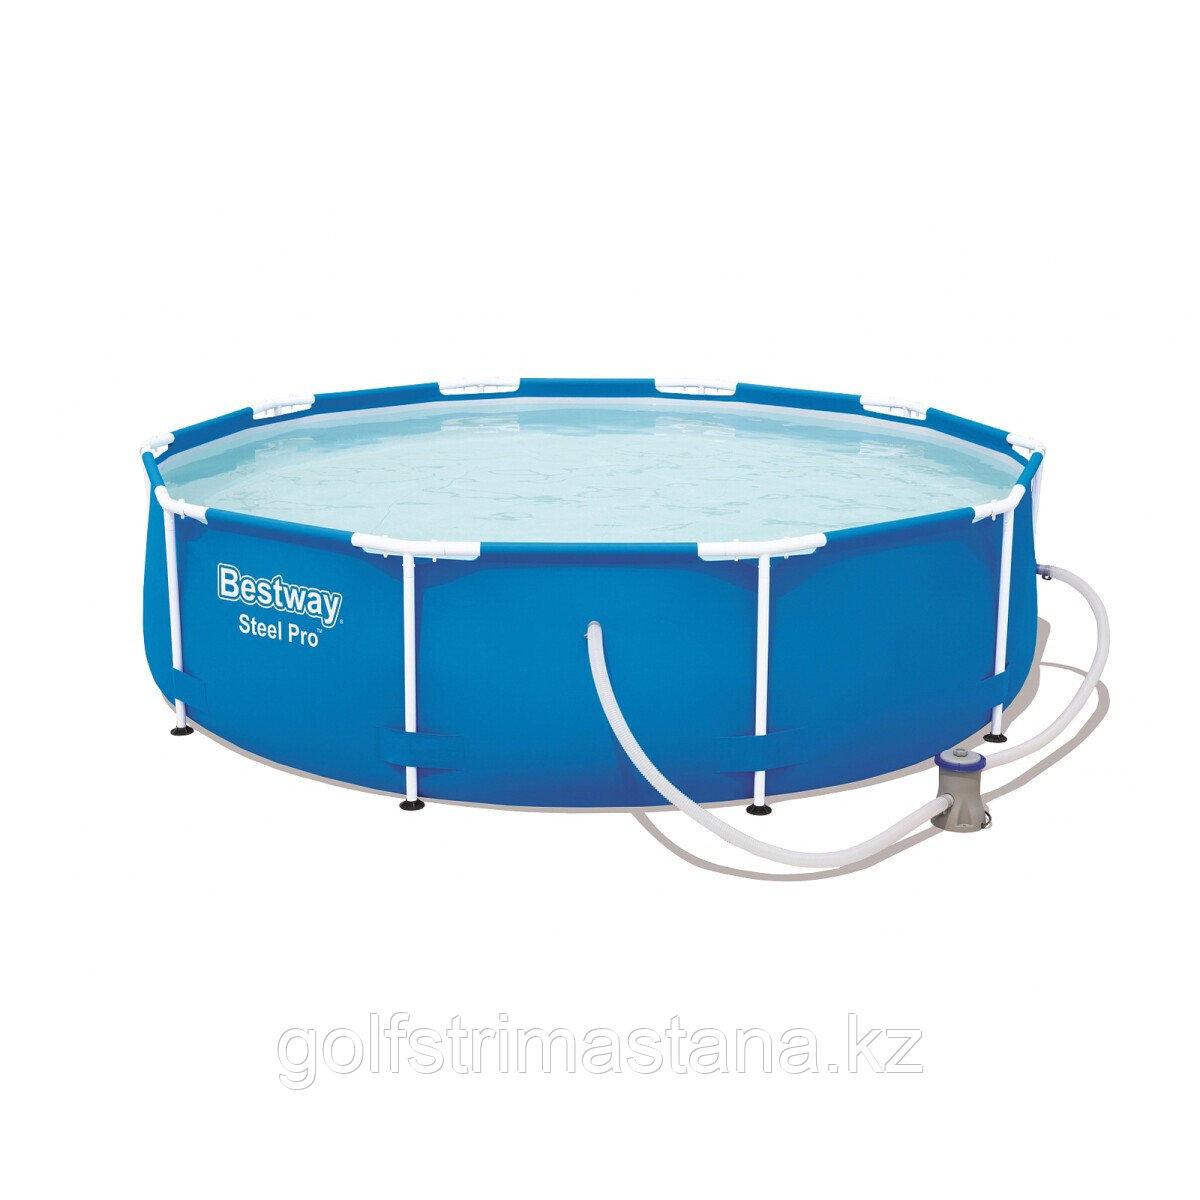 Каркасный бассейн Bestway 56679 (305х76 см) с картриджным фильтром